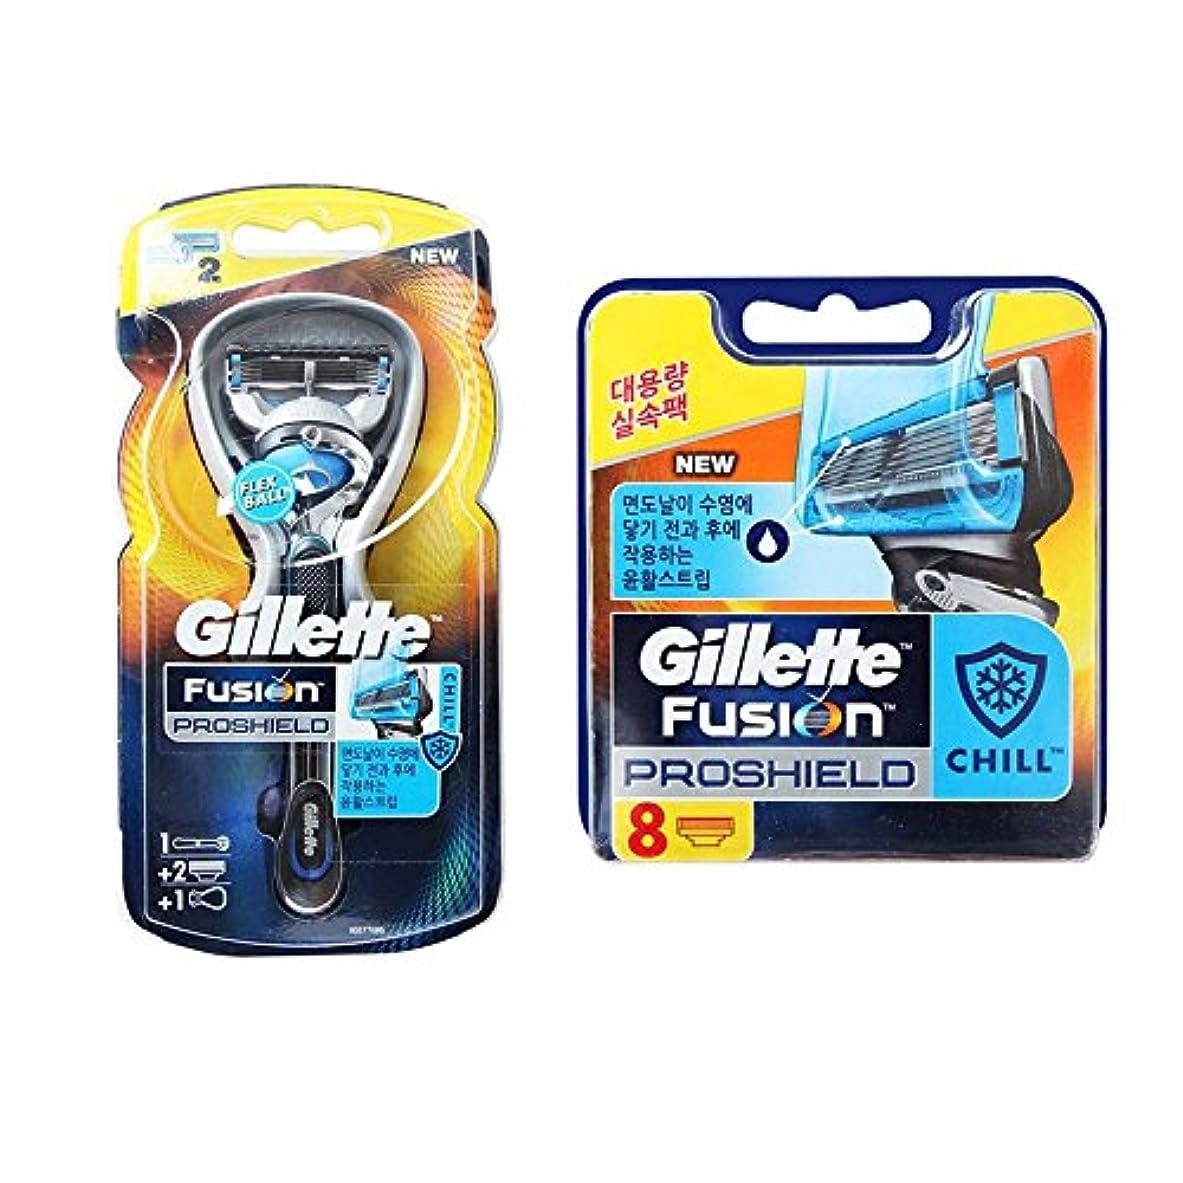 噴火なんでもベーコンGillette Fusion Proshield Chill Blue 1本の剃刀と10本の剃刀刃 [並行輸入品]